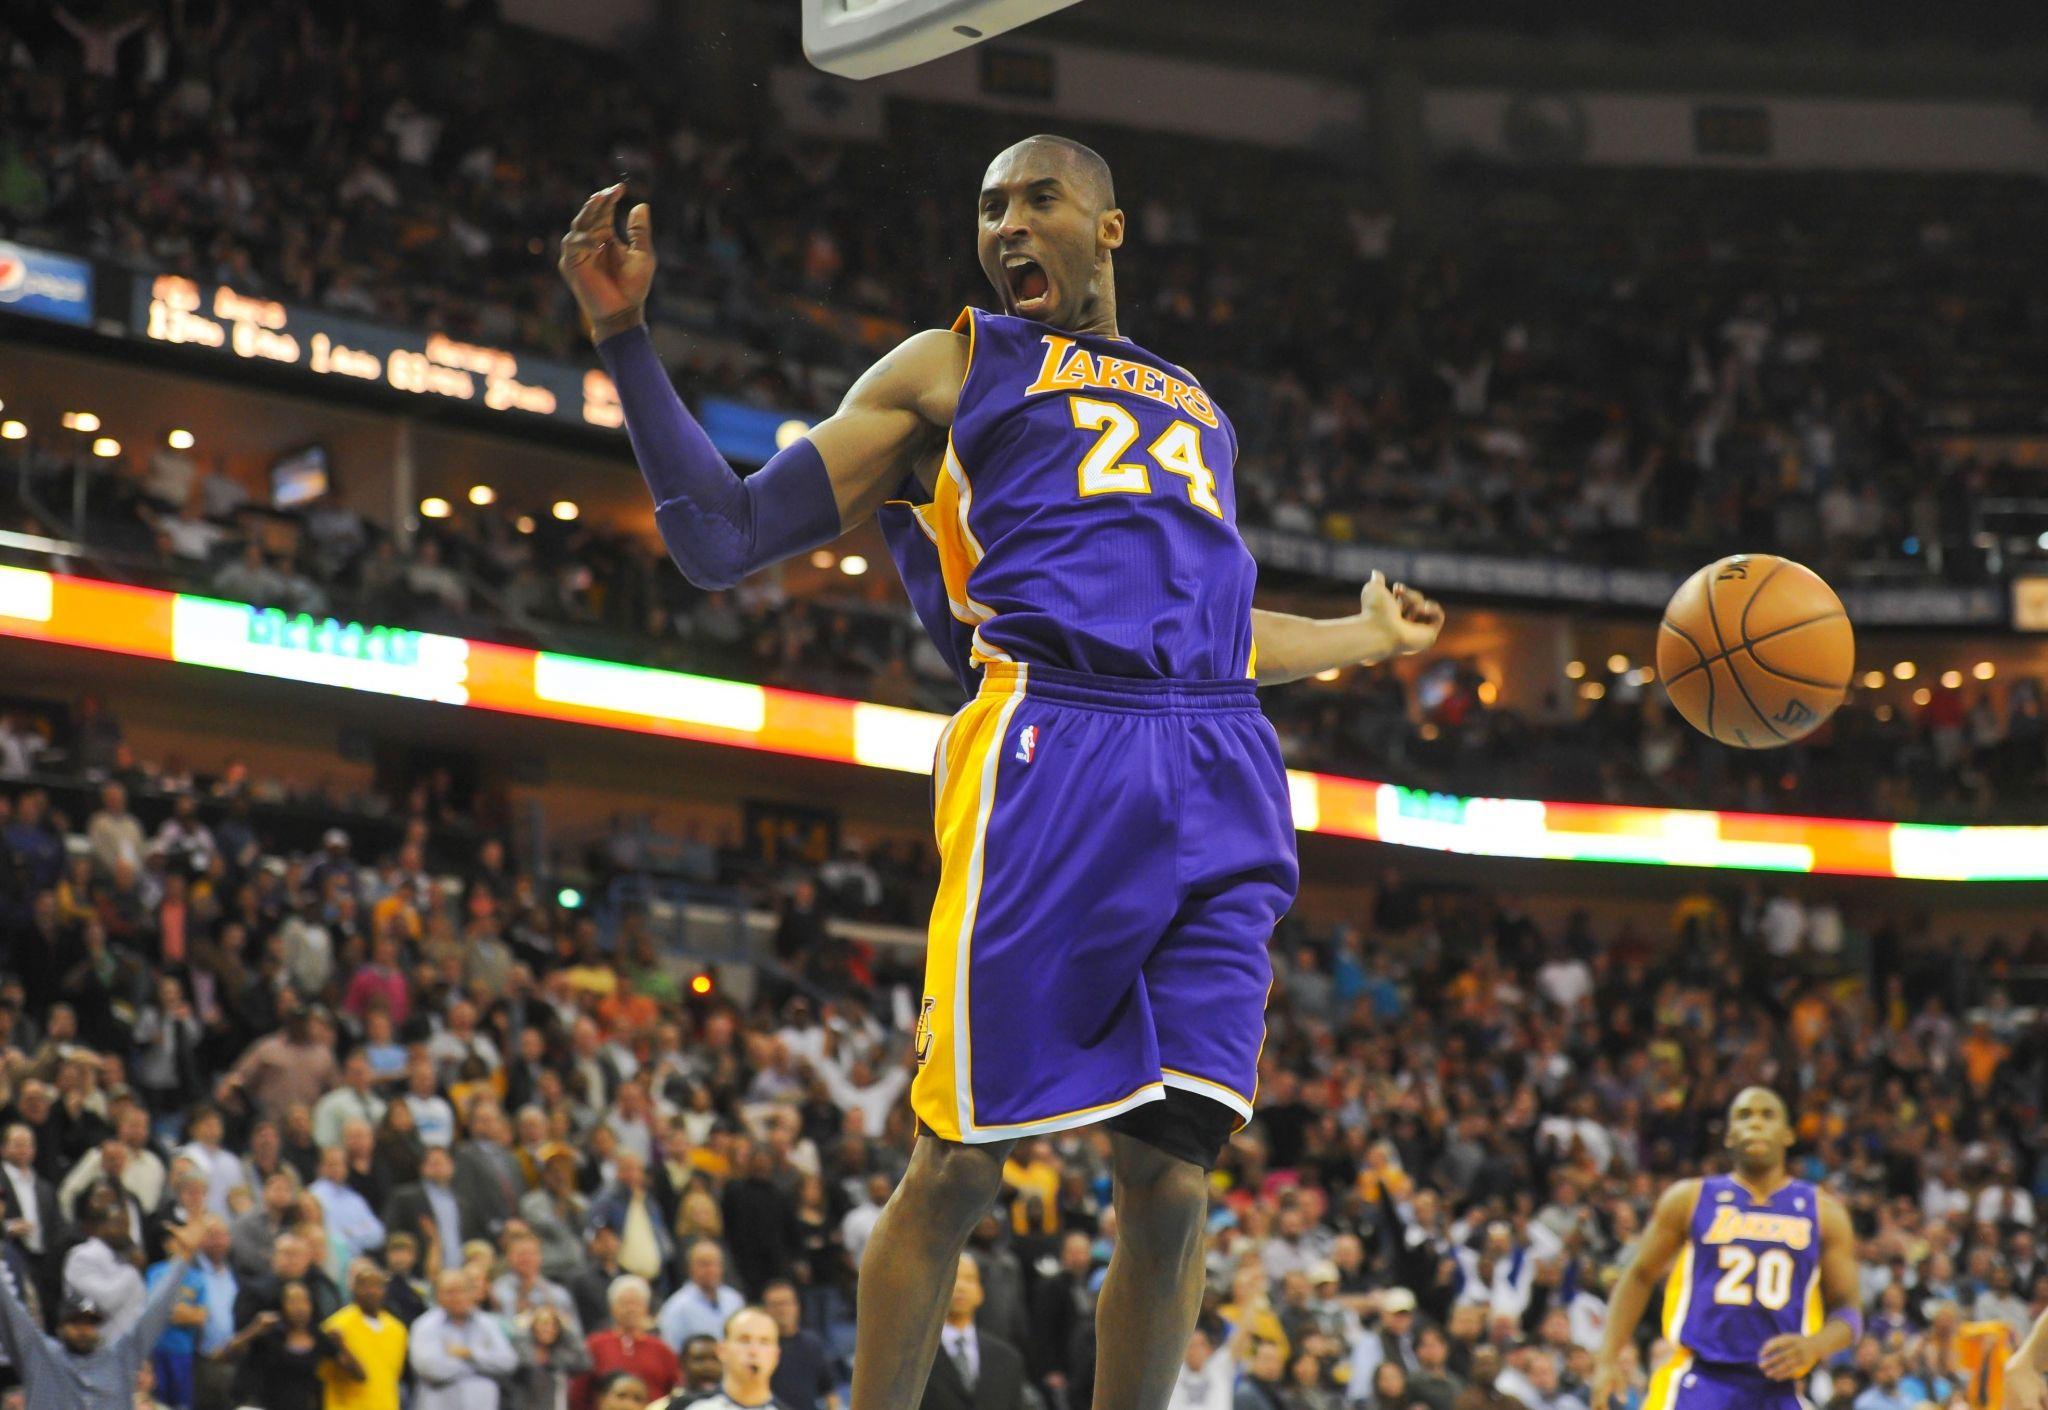 Kobe Bryant Wallpaper Free Kobe Bryant Wallpaper Kobe Bryant Kobe Bryant Nba